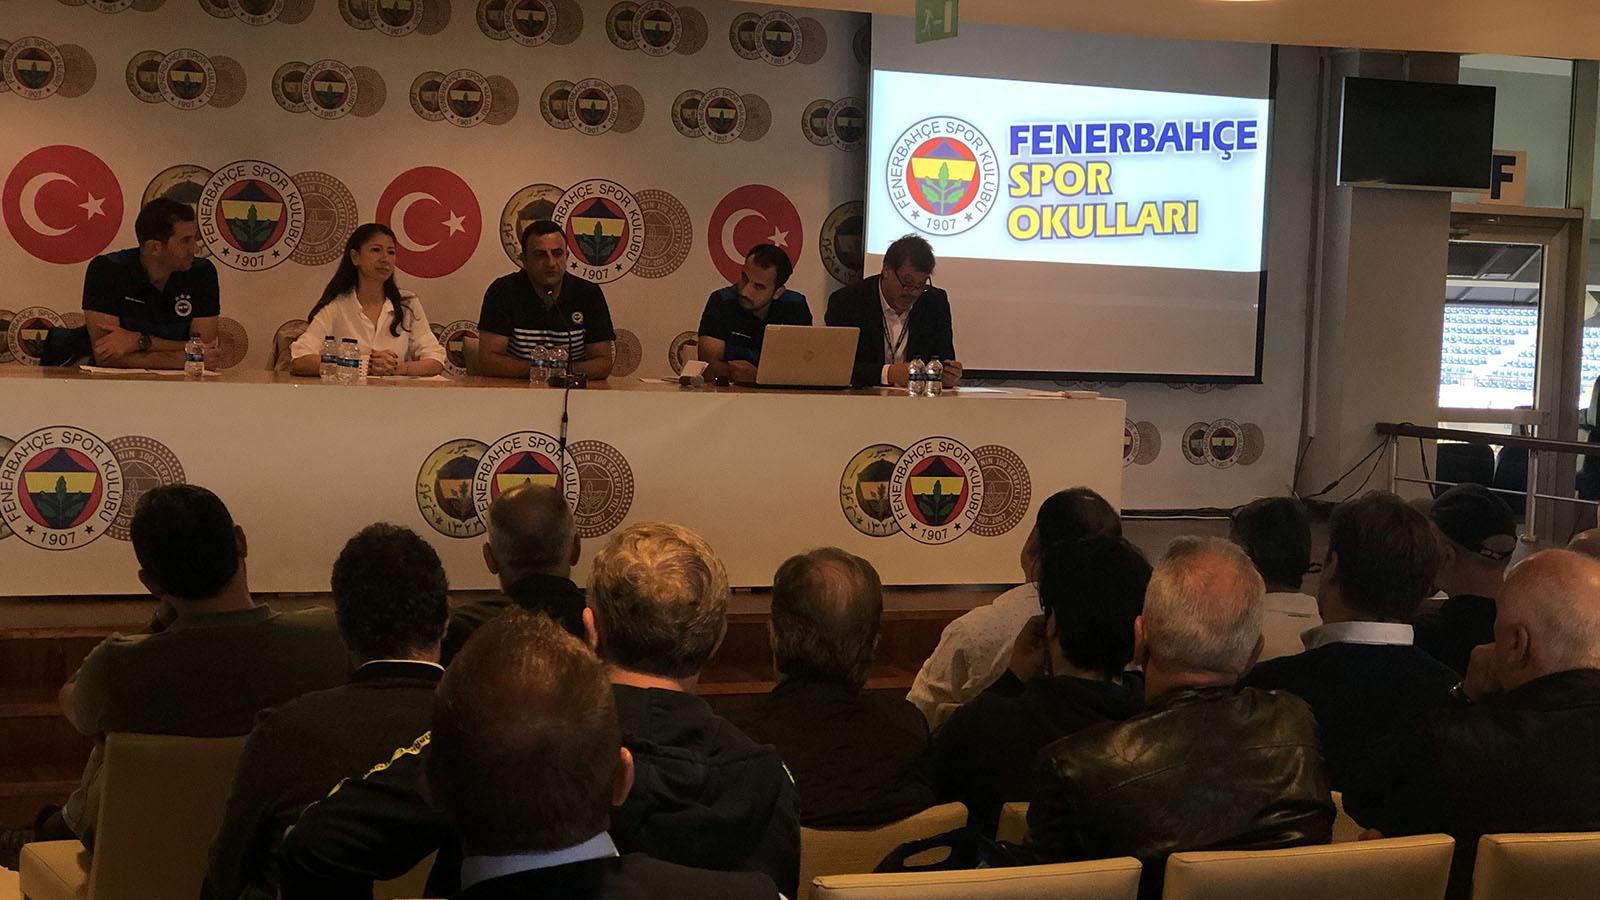 Türkiye Geneli Fenerbahçe Yetkili Spor Okulları Toplantısı Yapıldı